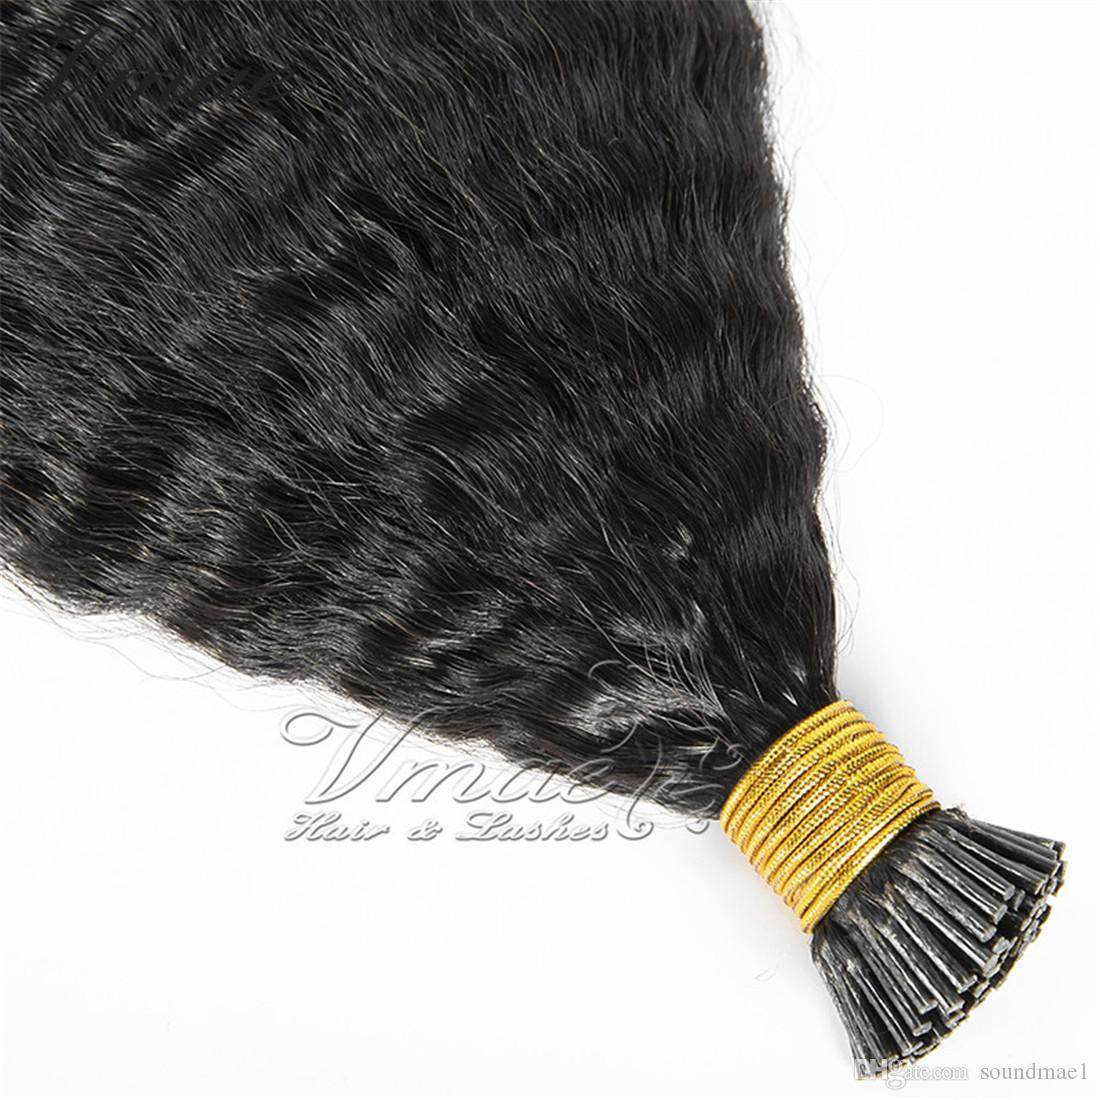 VMAE бразильский Реми девственница 50 г шелк прямой тело глубокая вода Свободная волна кератин Фьюжн 1 г / стенд U наконечник человеческих волос расширения